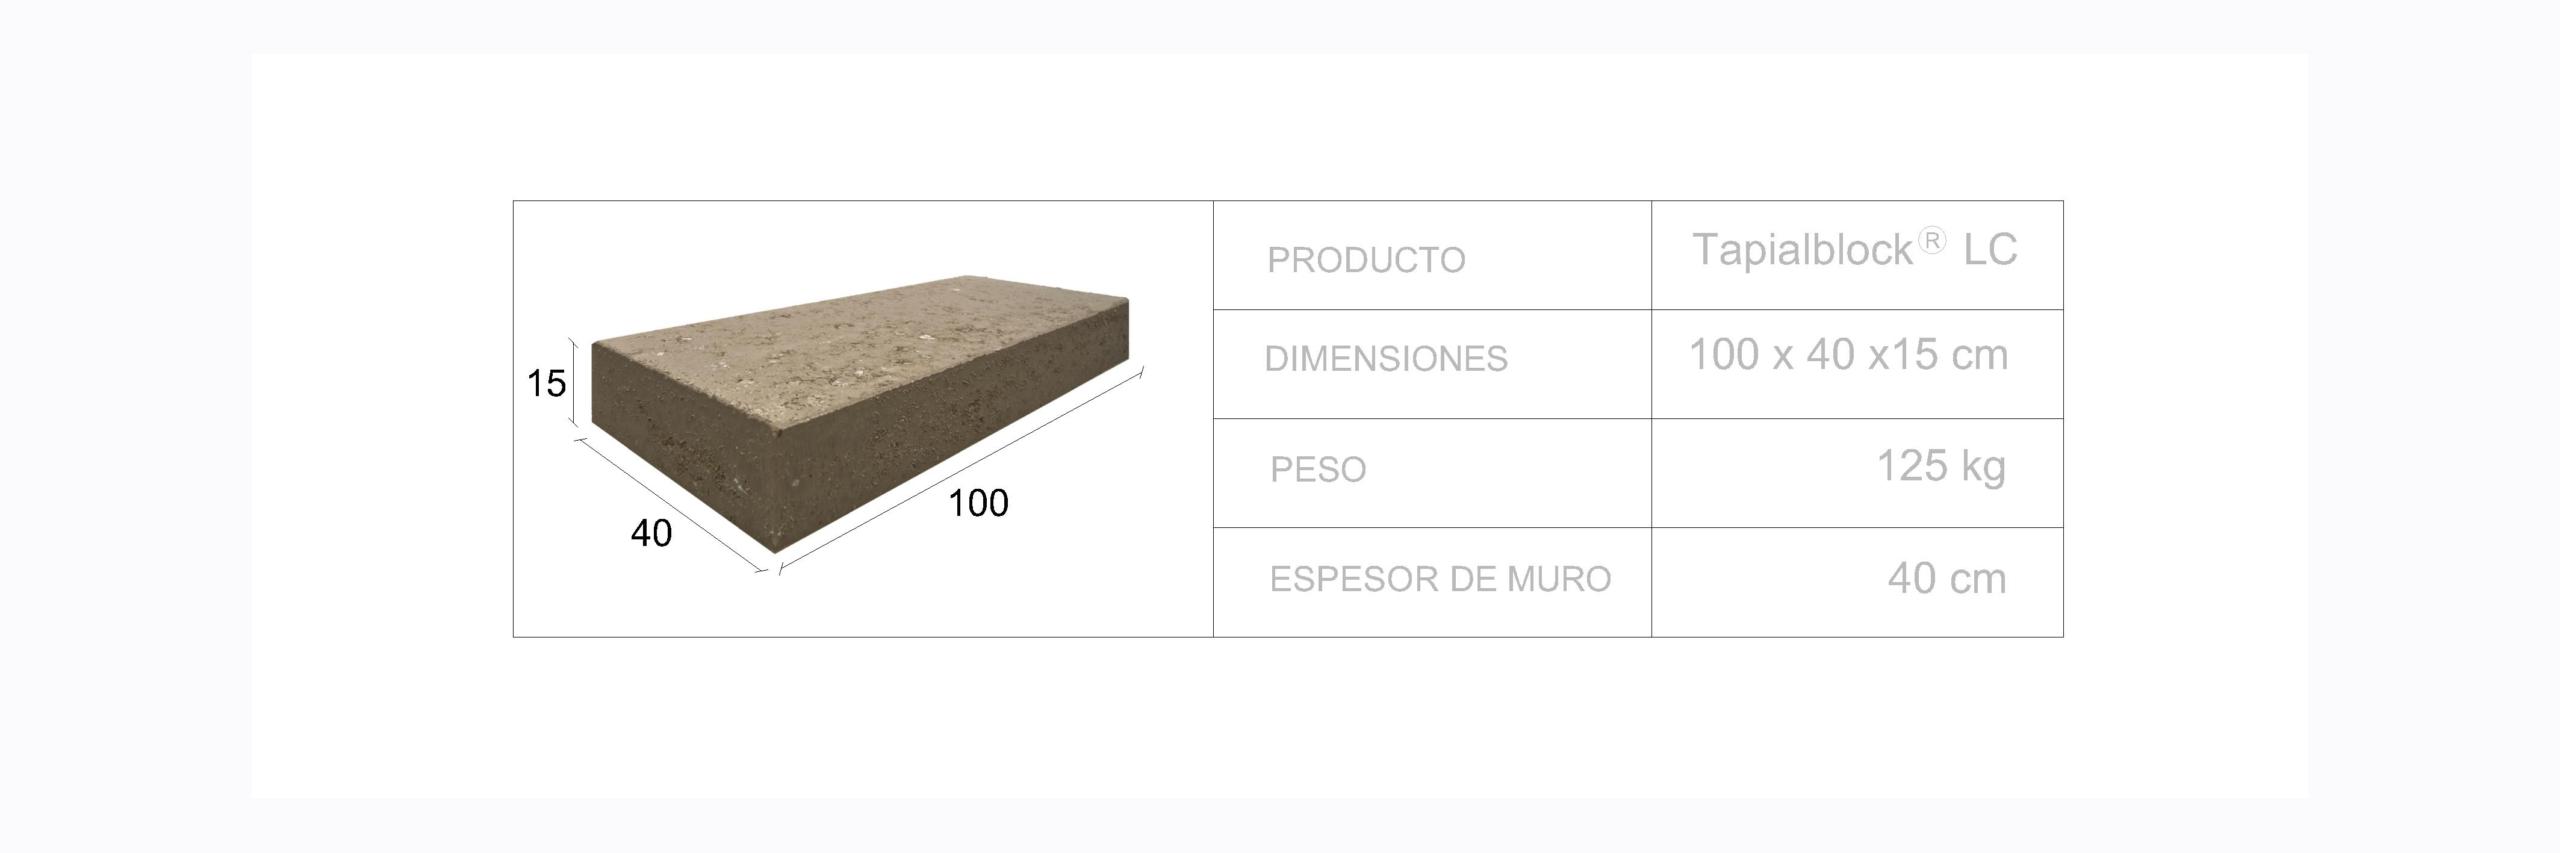 Tapialblock® LC - Fetdeterra